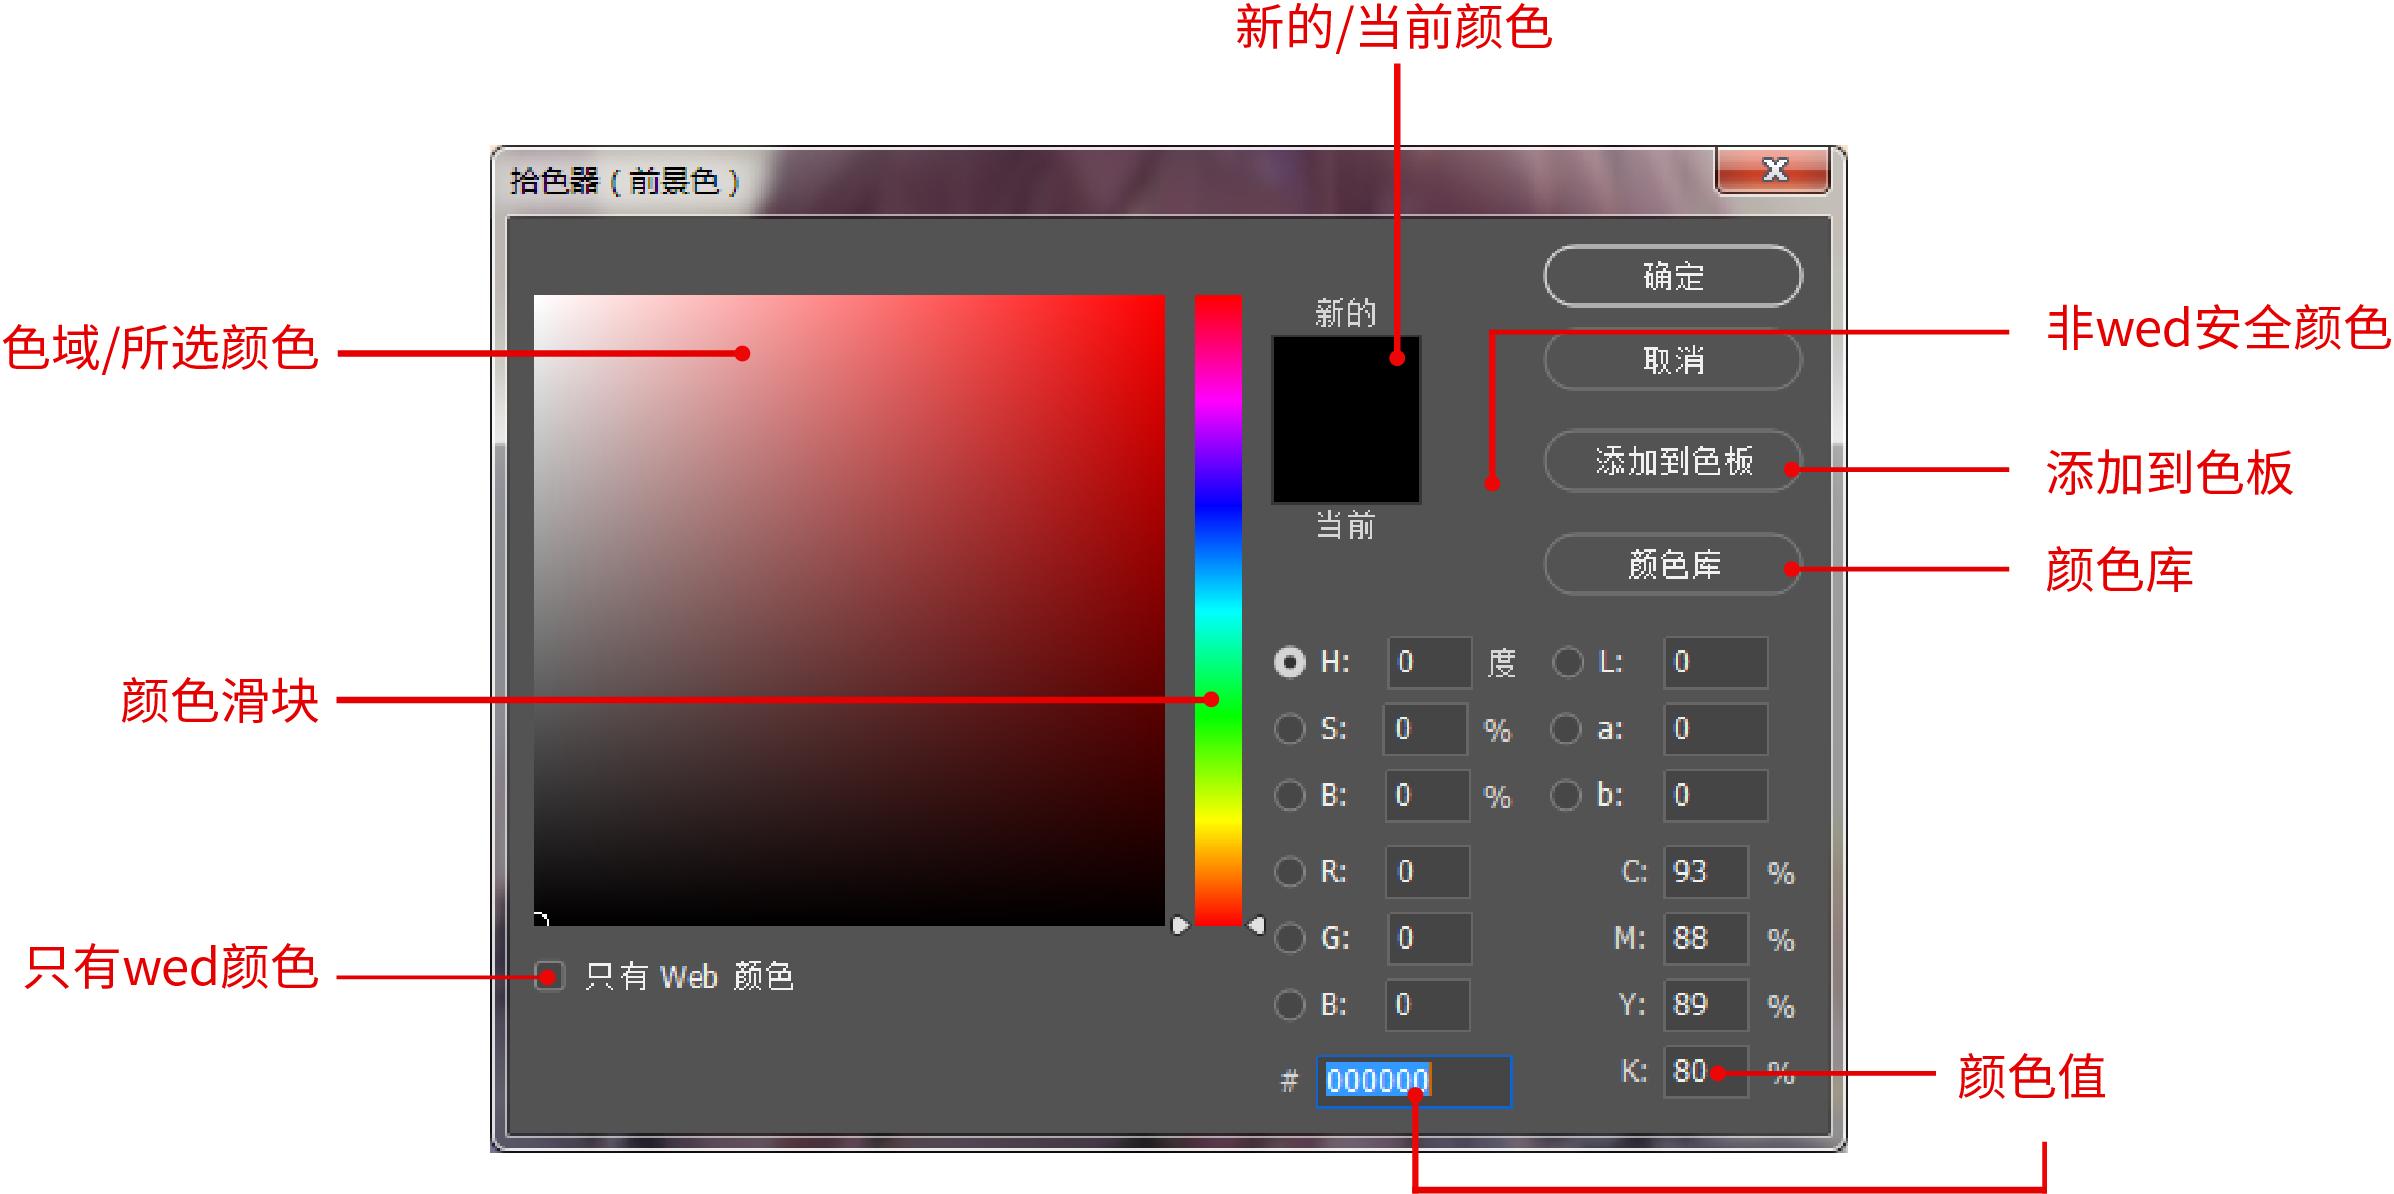 基础教程  如何使用拾色器选区颜色、修改文本颜色